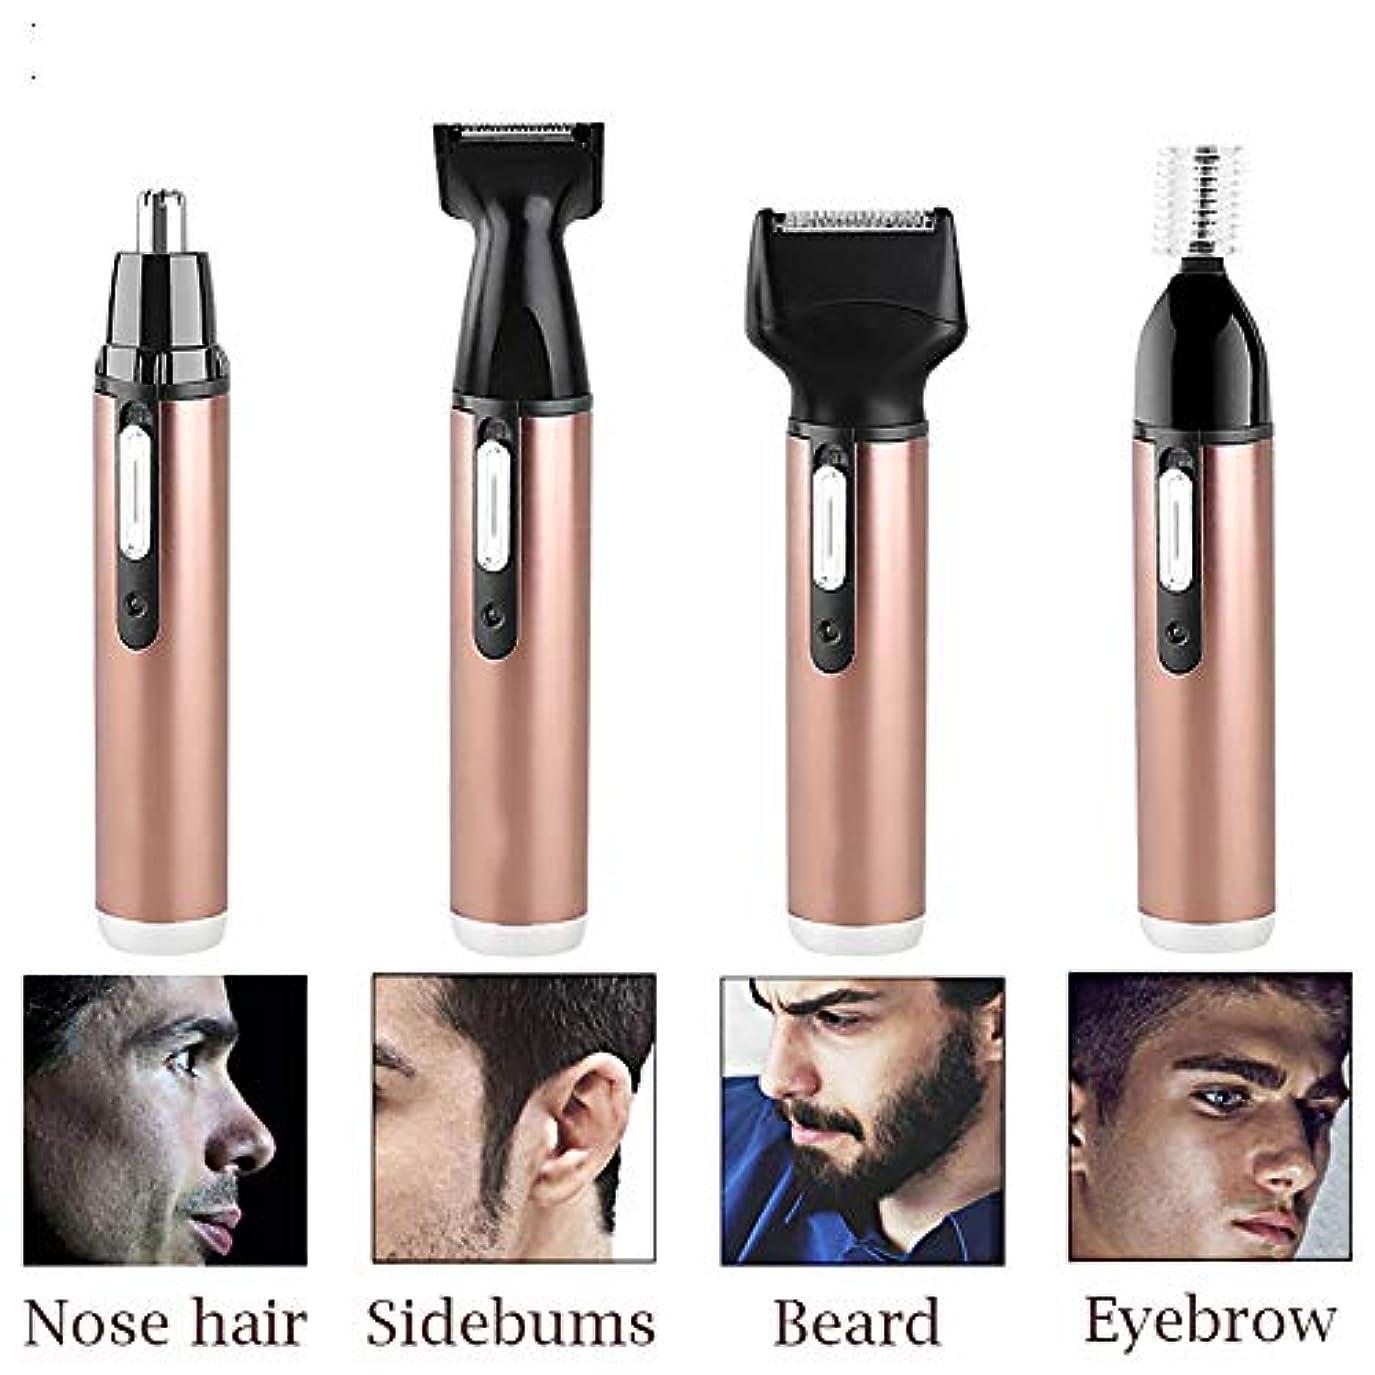 一部保証くちばし鼻毛トリマー、4 in 1ファッションオリジナル鼻トリマー電気シェービング安全なフェイスケアトリマー充電式鼻毛トリマー用男性女性